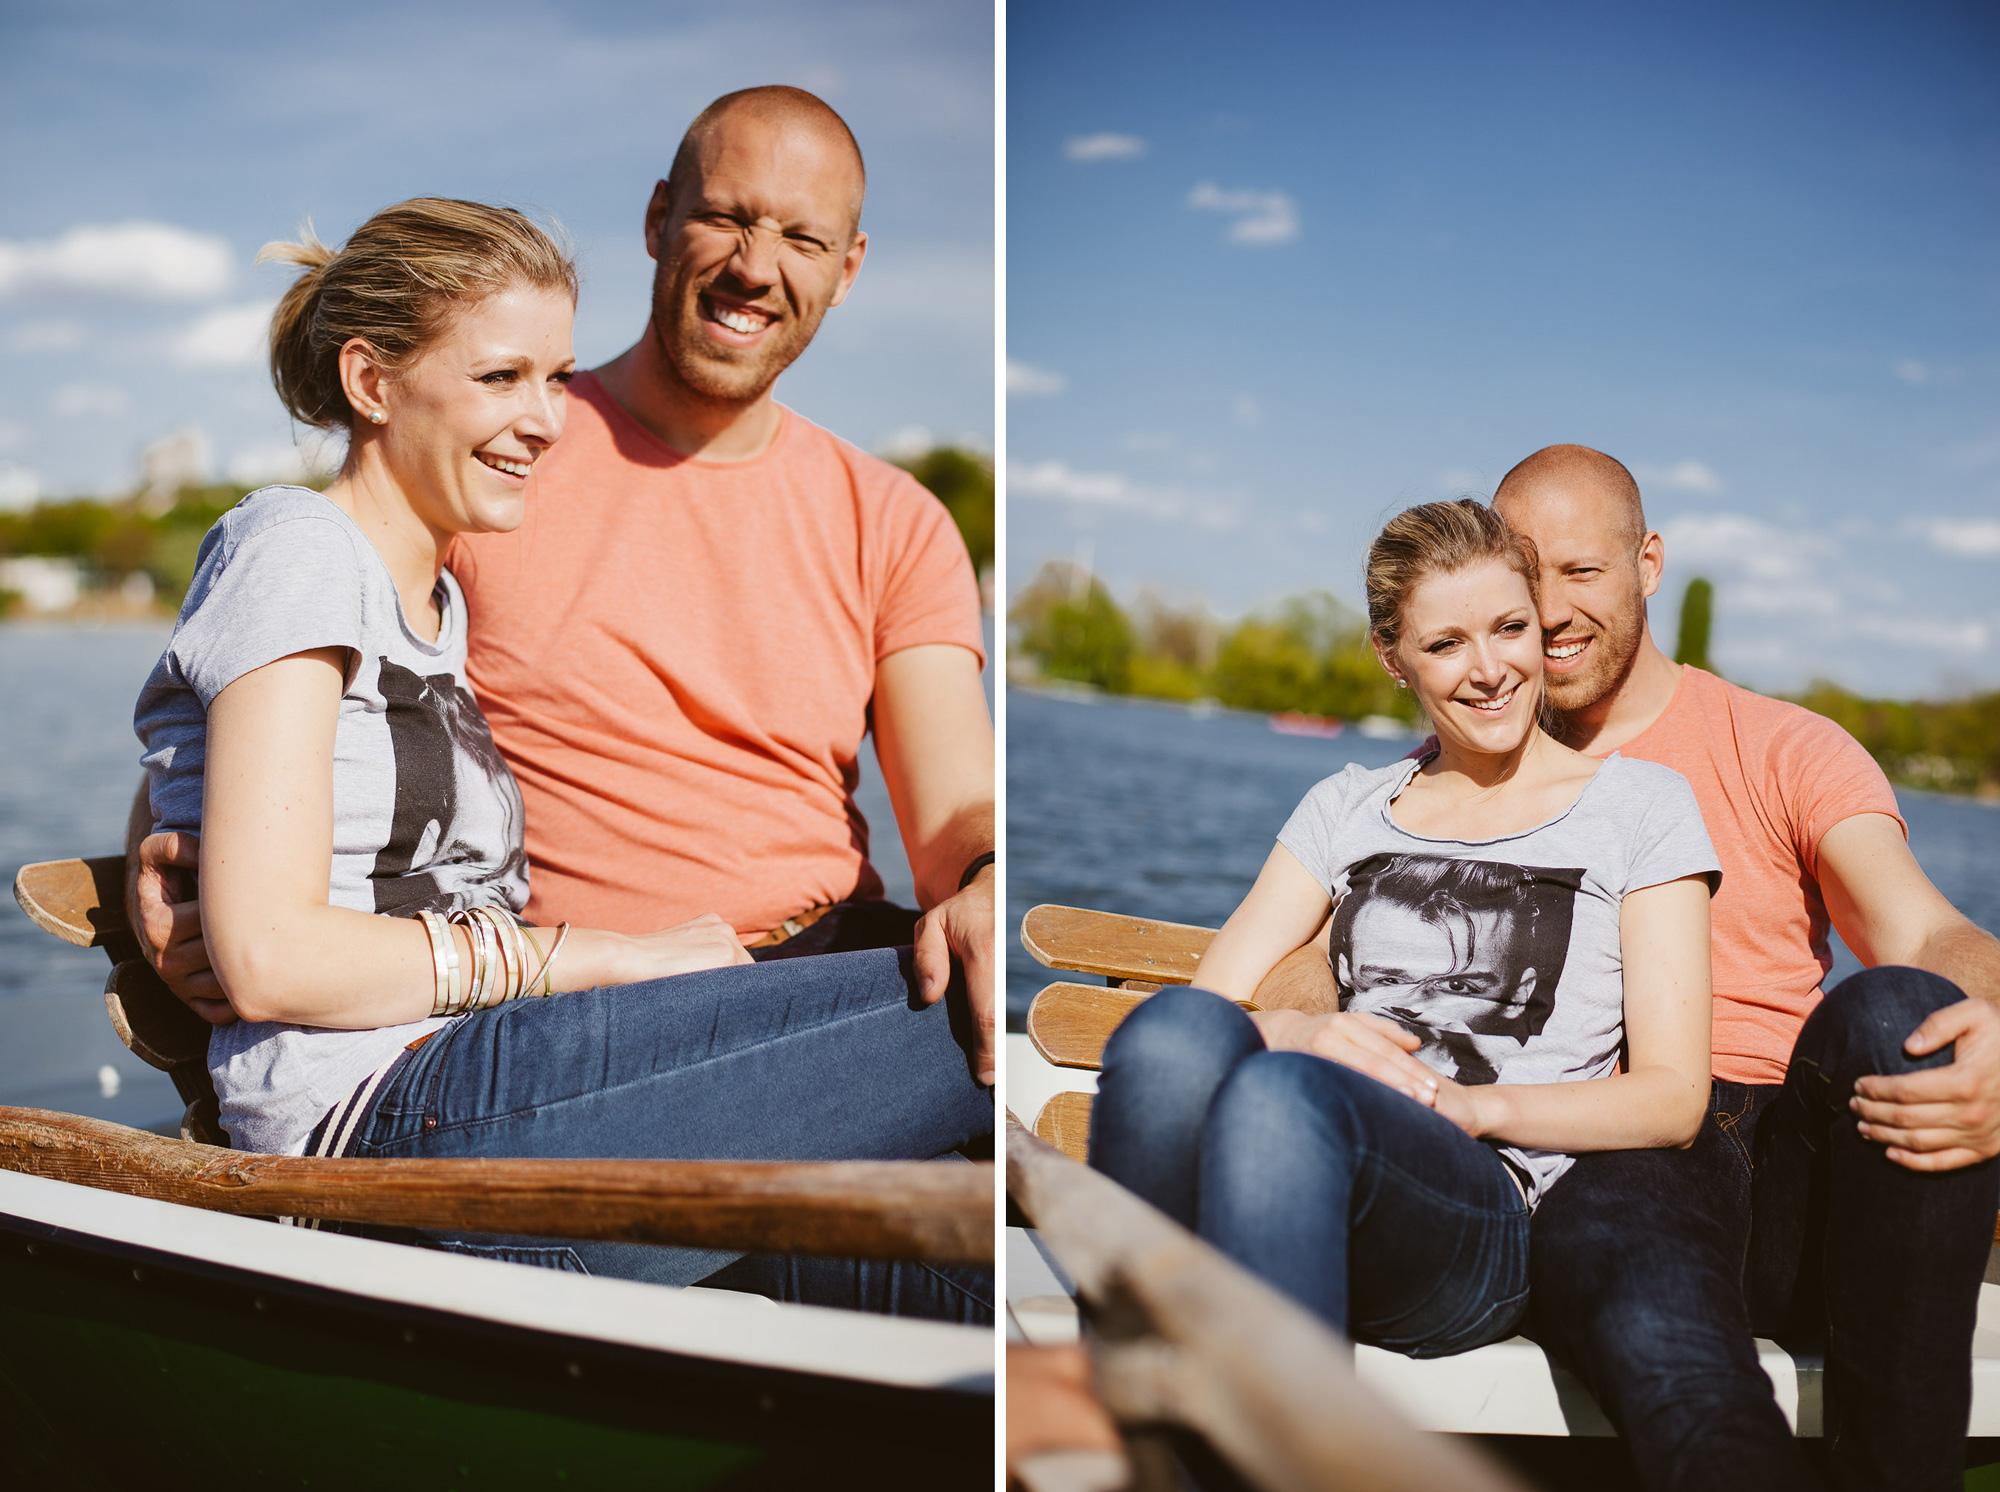 Karo-und-Stefan-Engagement-Foto-Avec-Amis-44